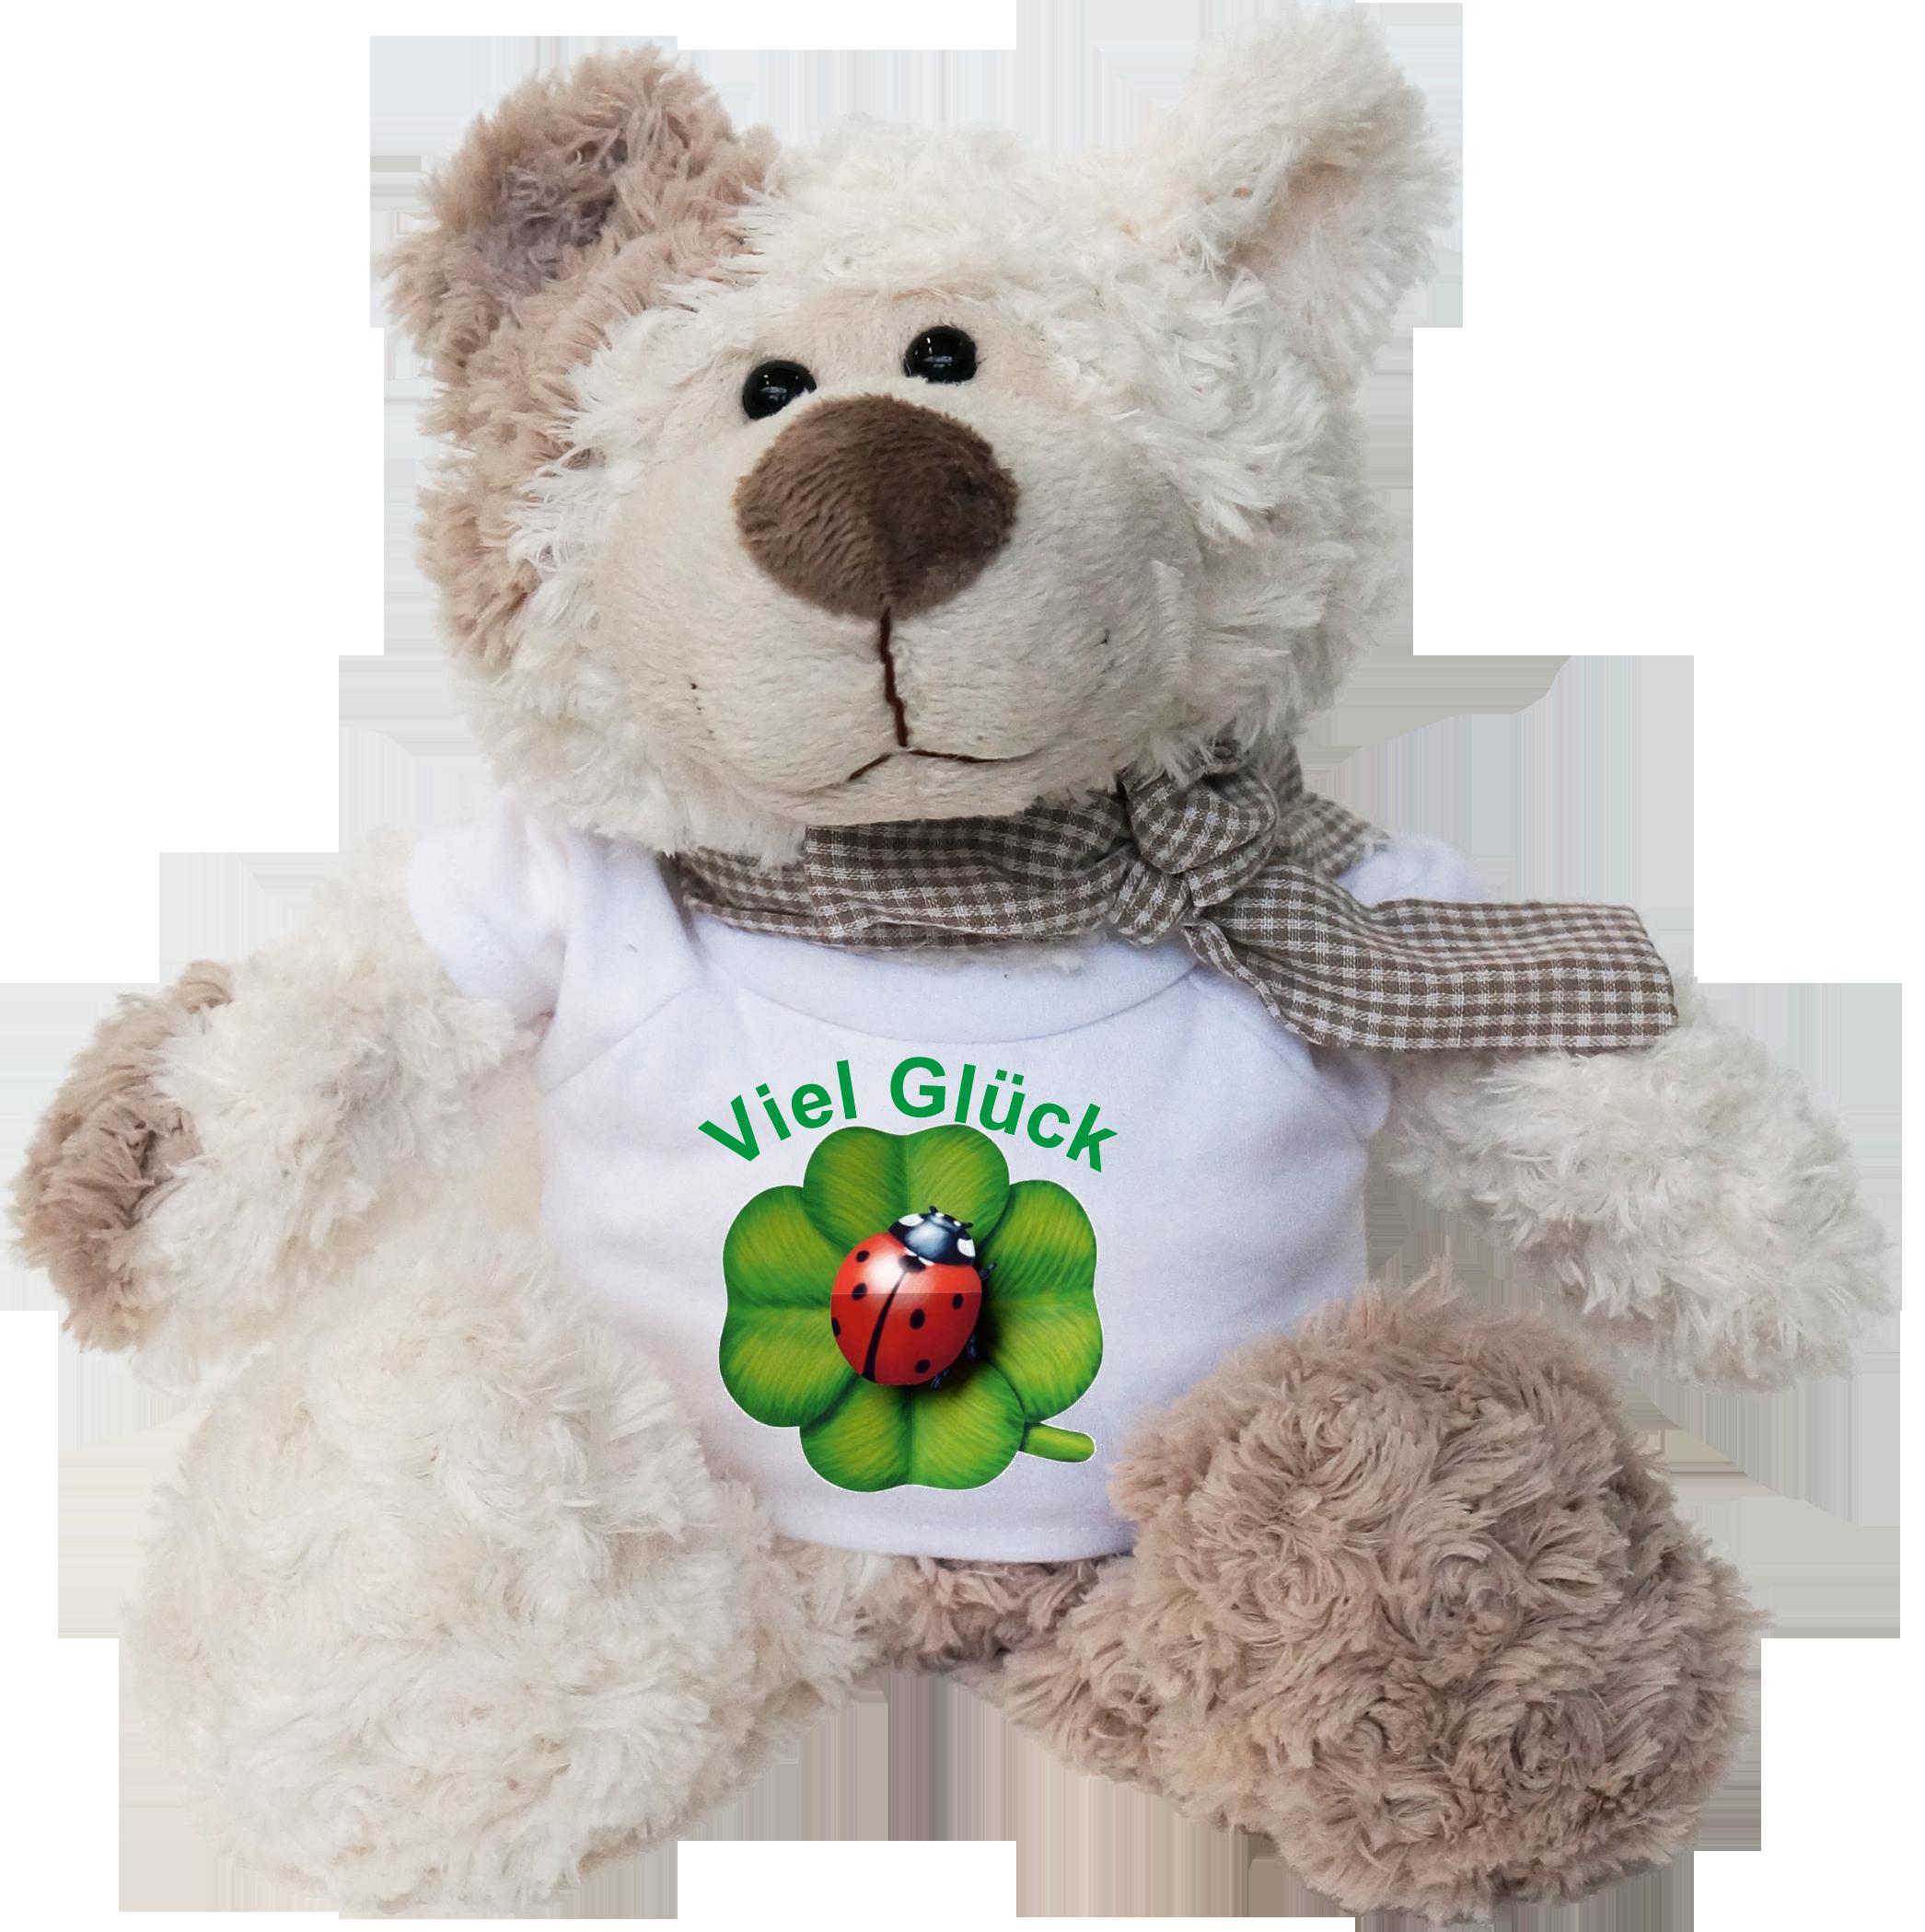 Viel Gluck Kafer Pluschbar Geschenk Online Shop Carina Geschenke